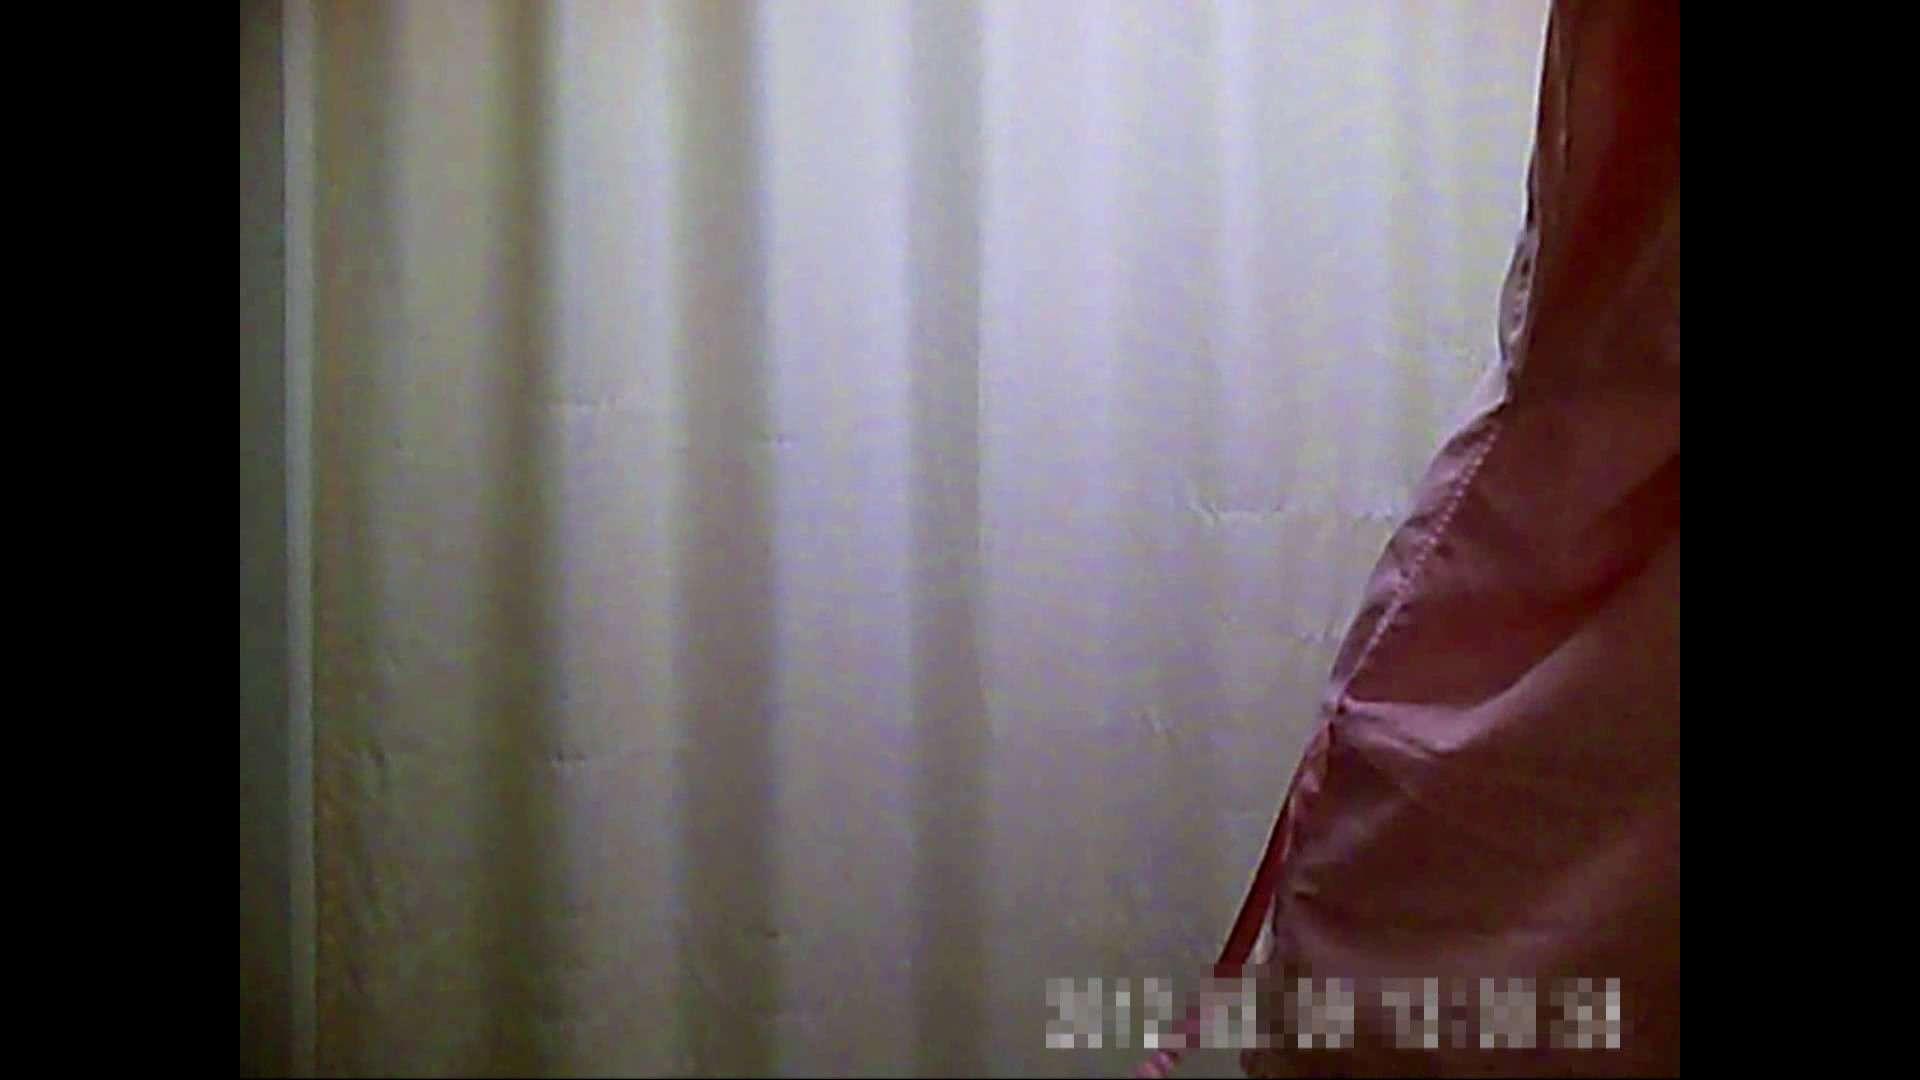 元医者による反抗 更衣室地獄絵巻 vol.030 盛合せ AV動画キャプチャ 90画像 23